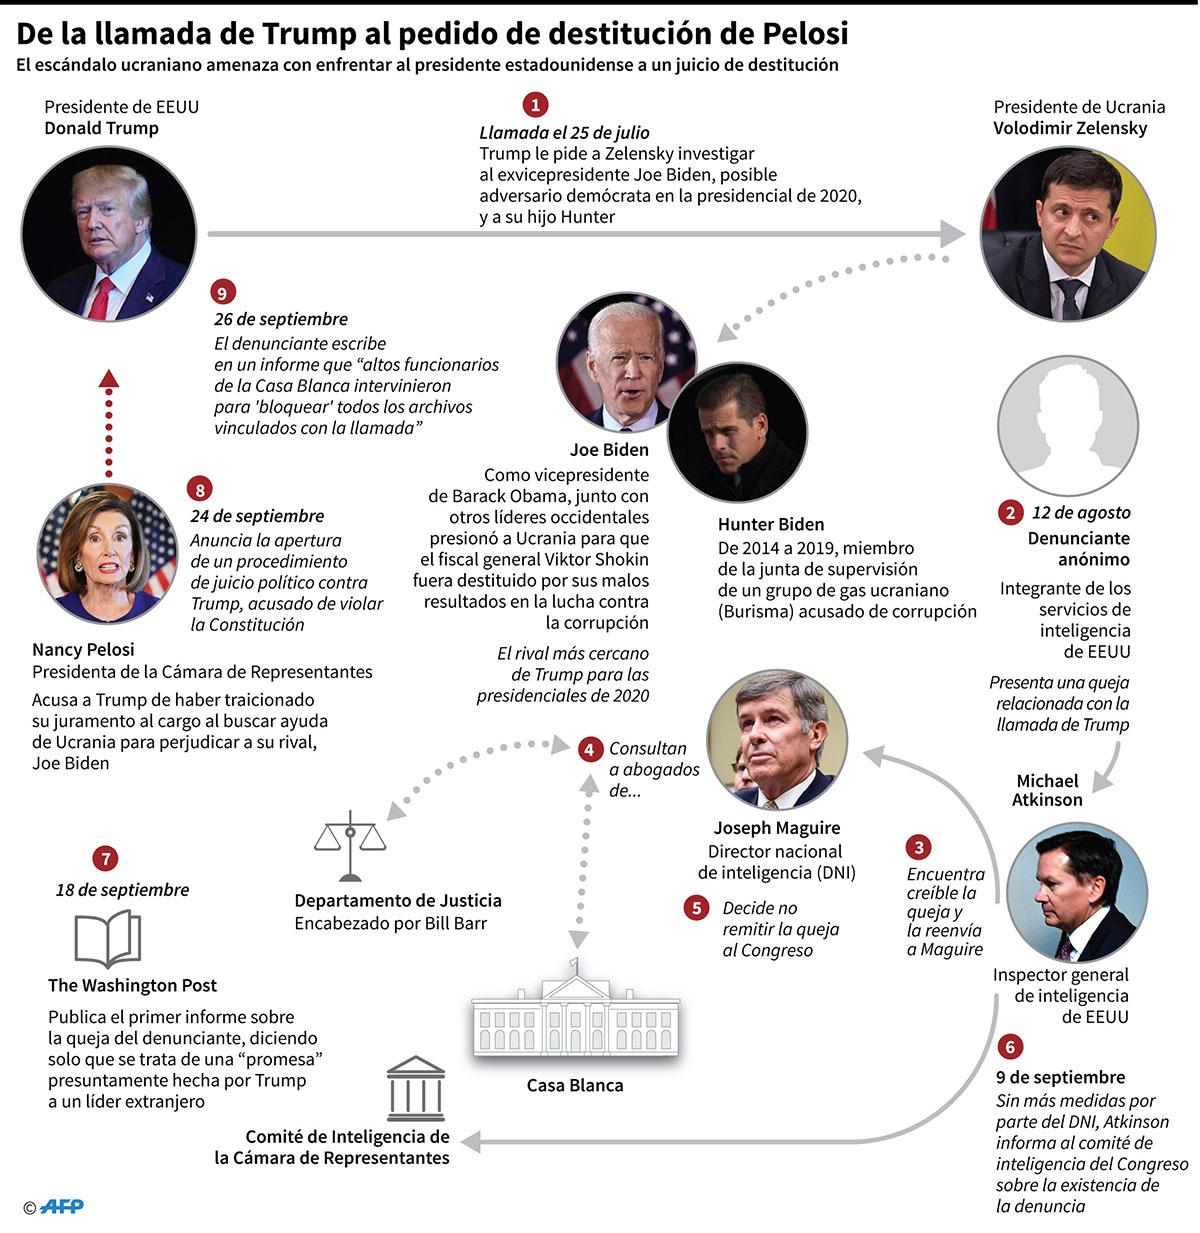 Los acontecimientos que llevaron a la decisión de Nancy Pelosi de solicitar la apertura de un procedimiento de juicio político contra Donald Trump. (Infografía: AFP)